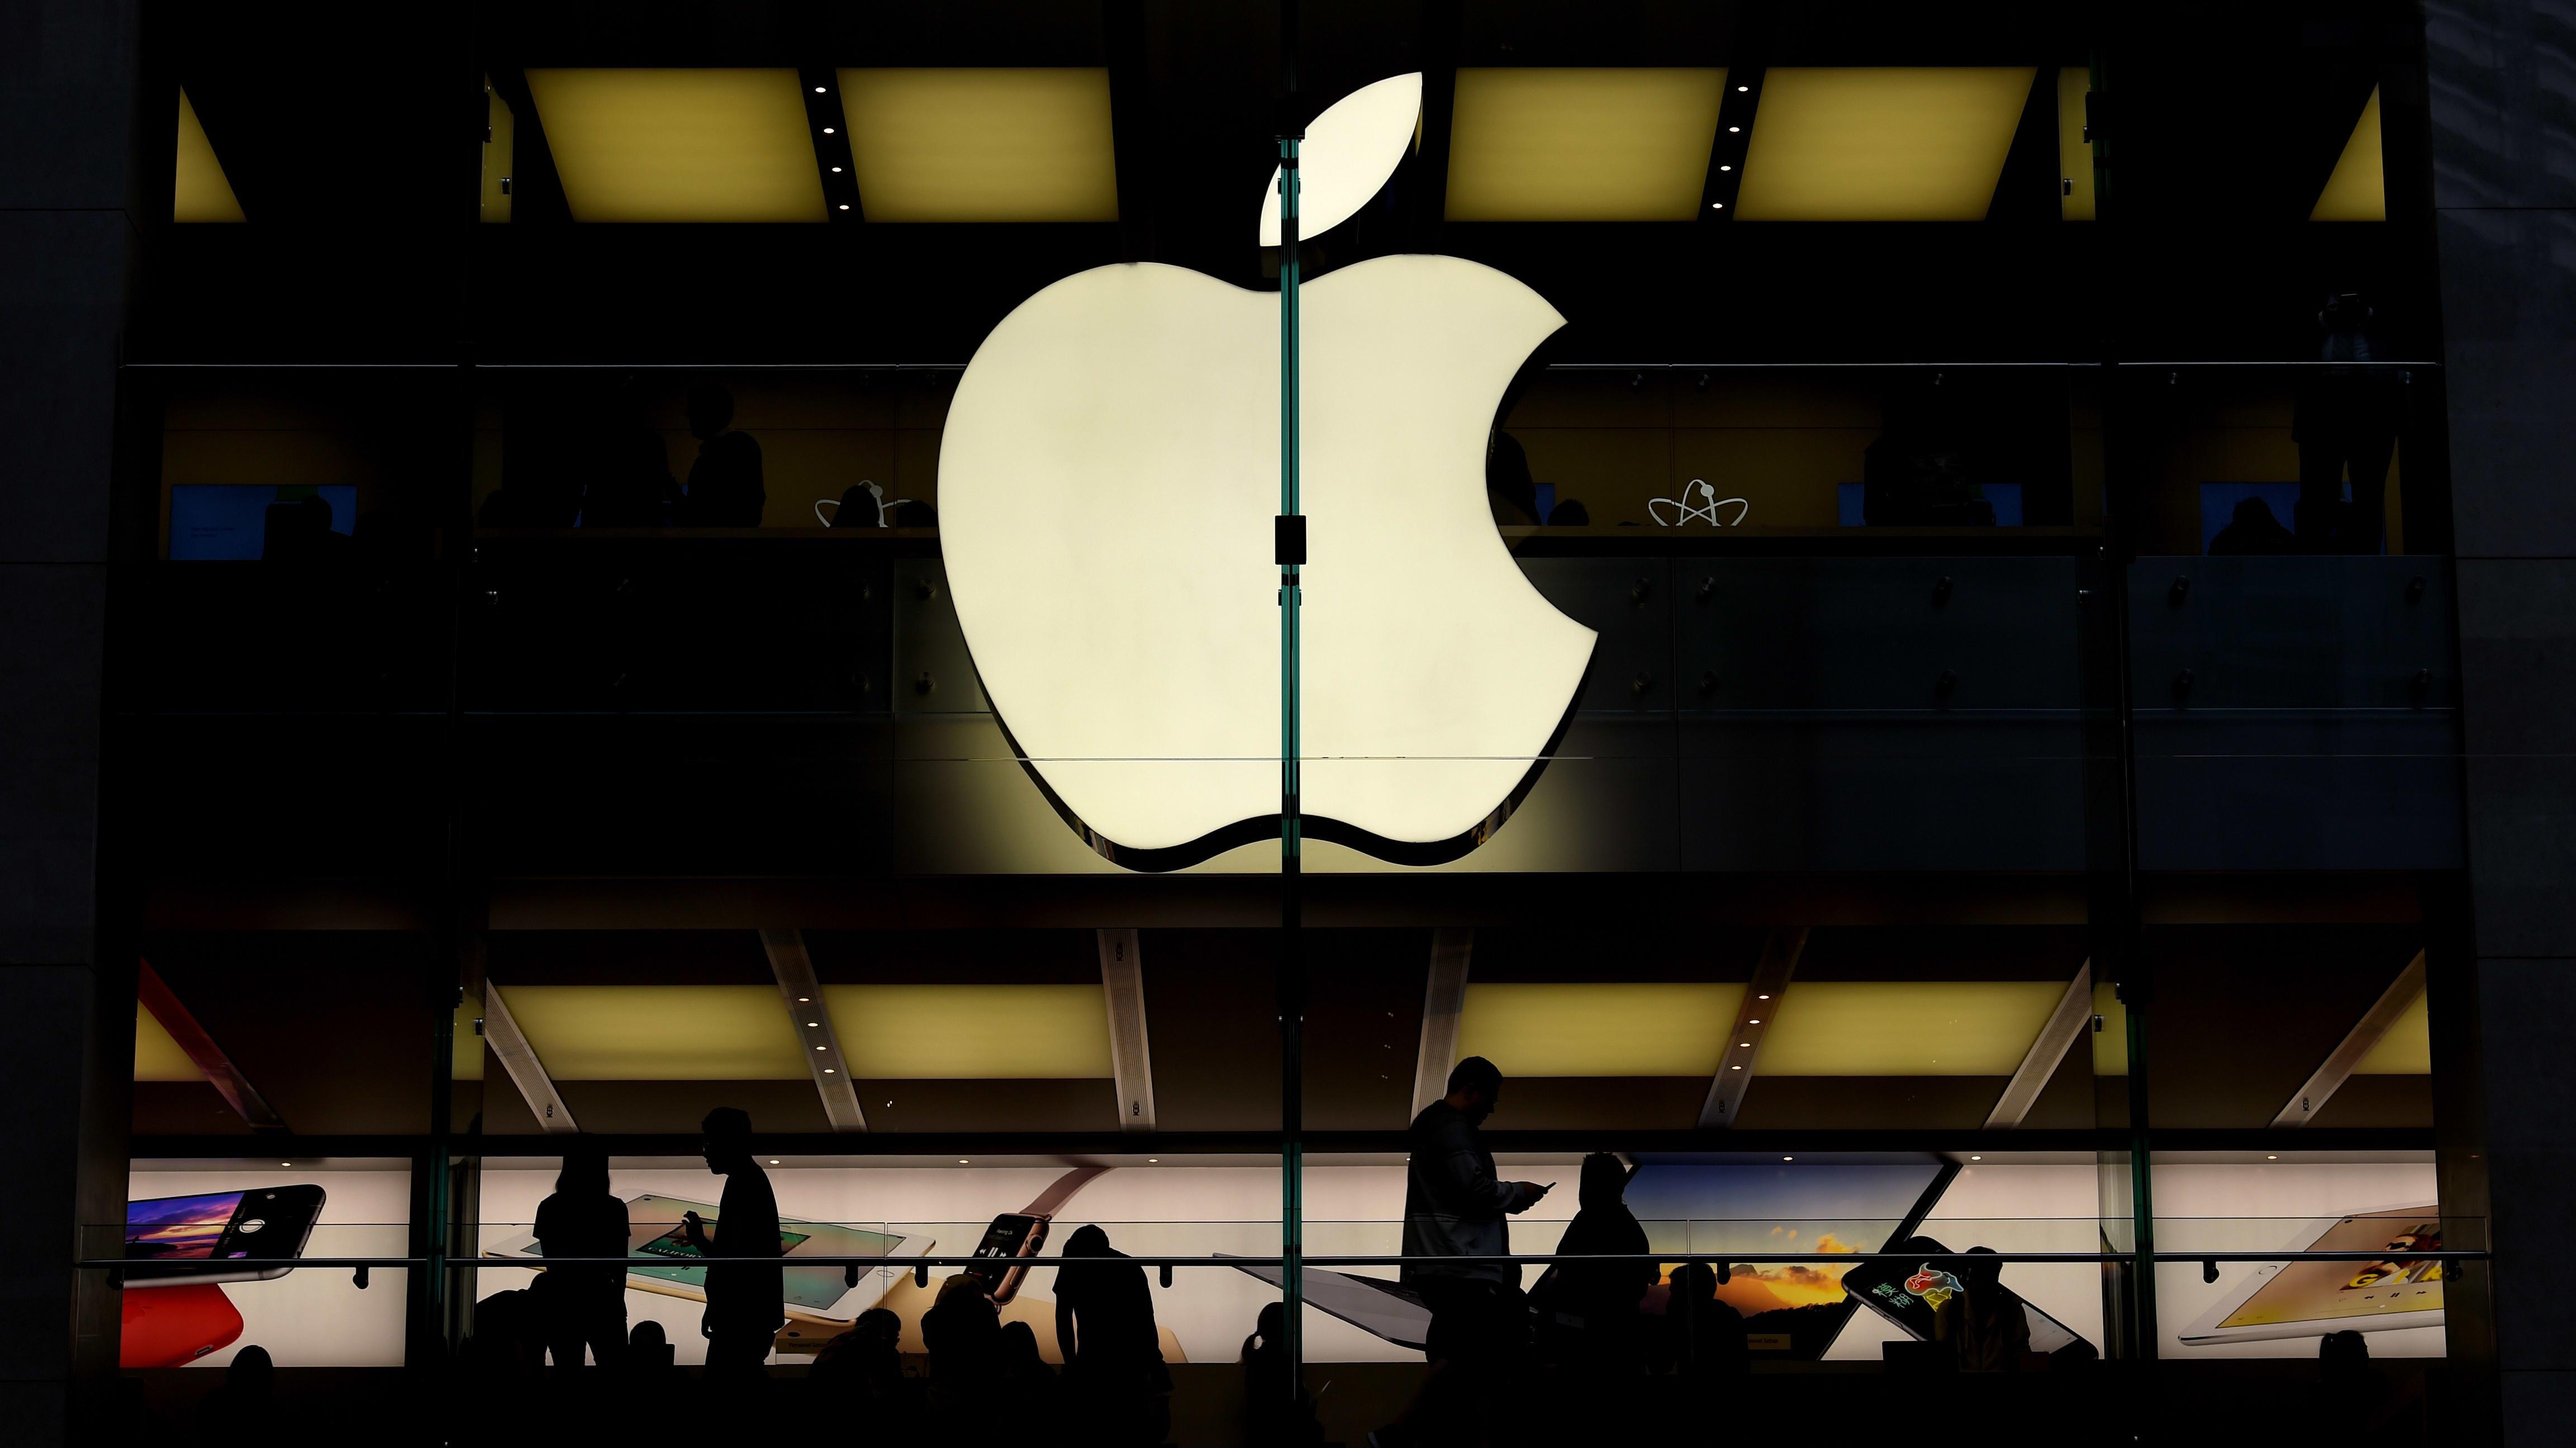 Kuvassa teknologiayhtiö Applen logo liikkeen ulkona